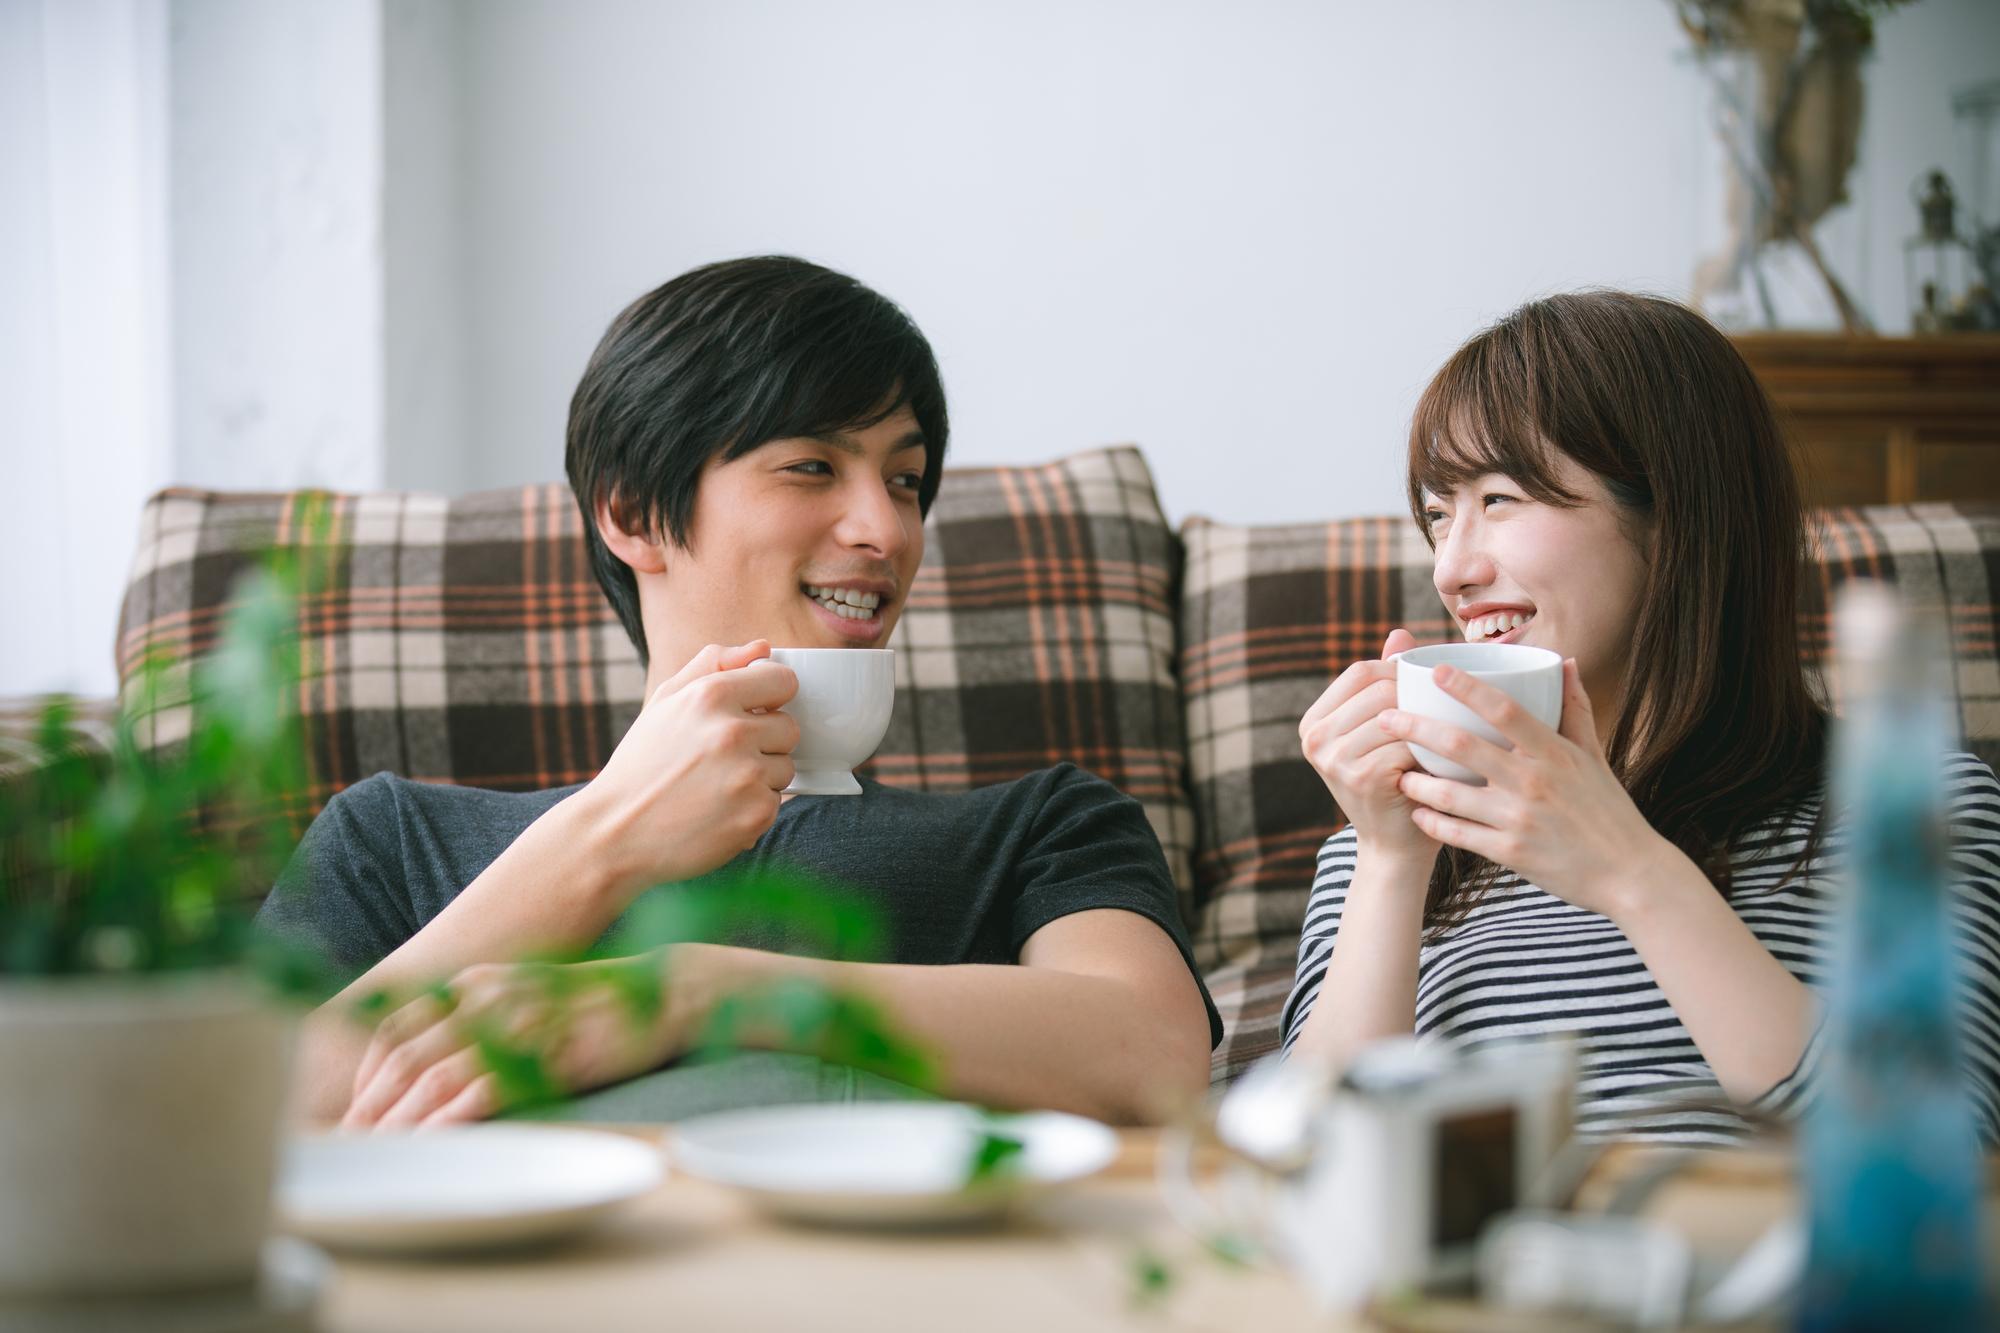 結婚生活に疲れた…もう限界。ストレス解消法は?夫婦円満に過ごす秘訣